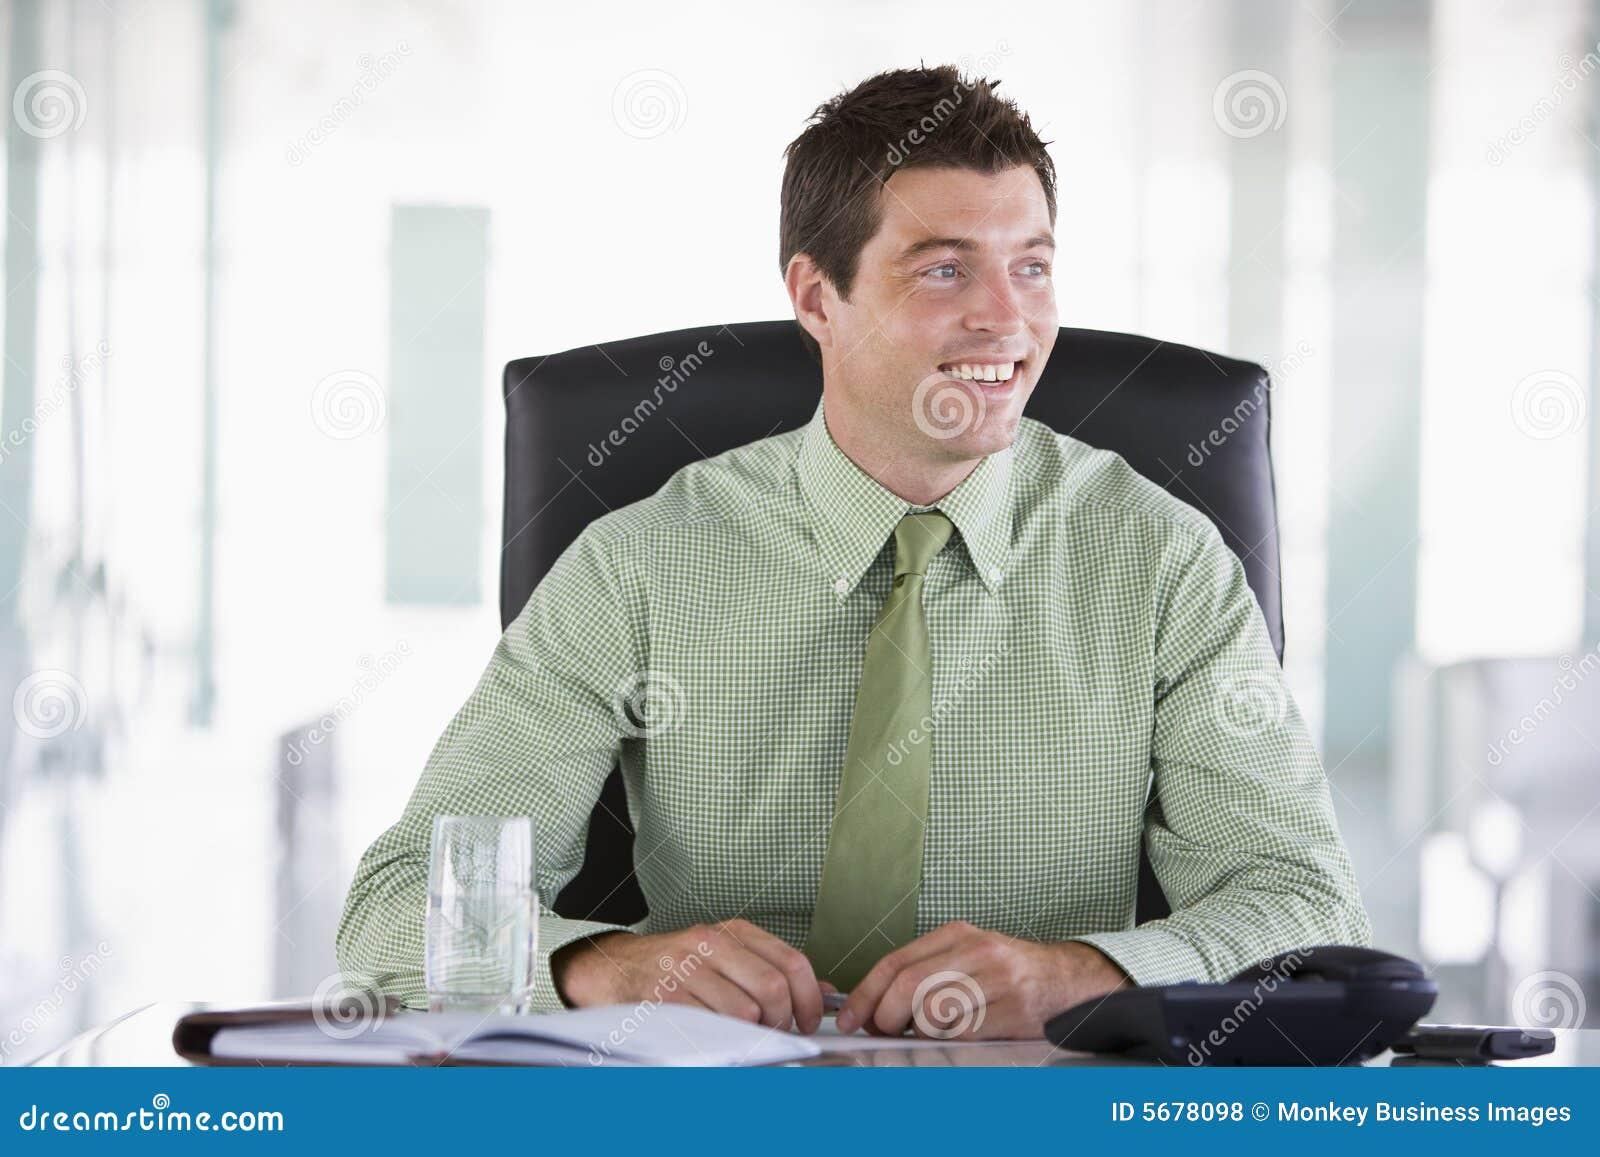 Сидит в рабочем кабинете 15 фотография